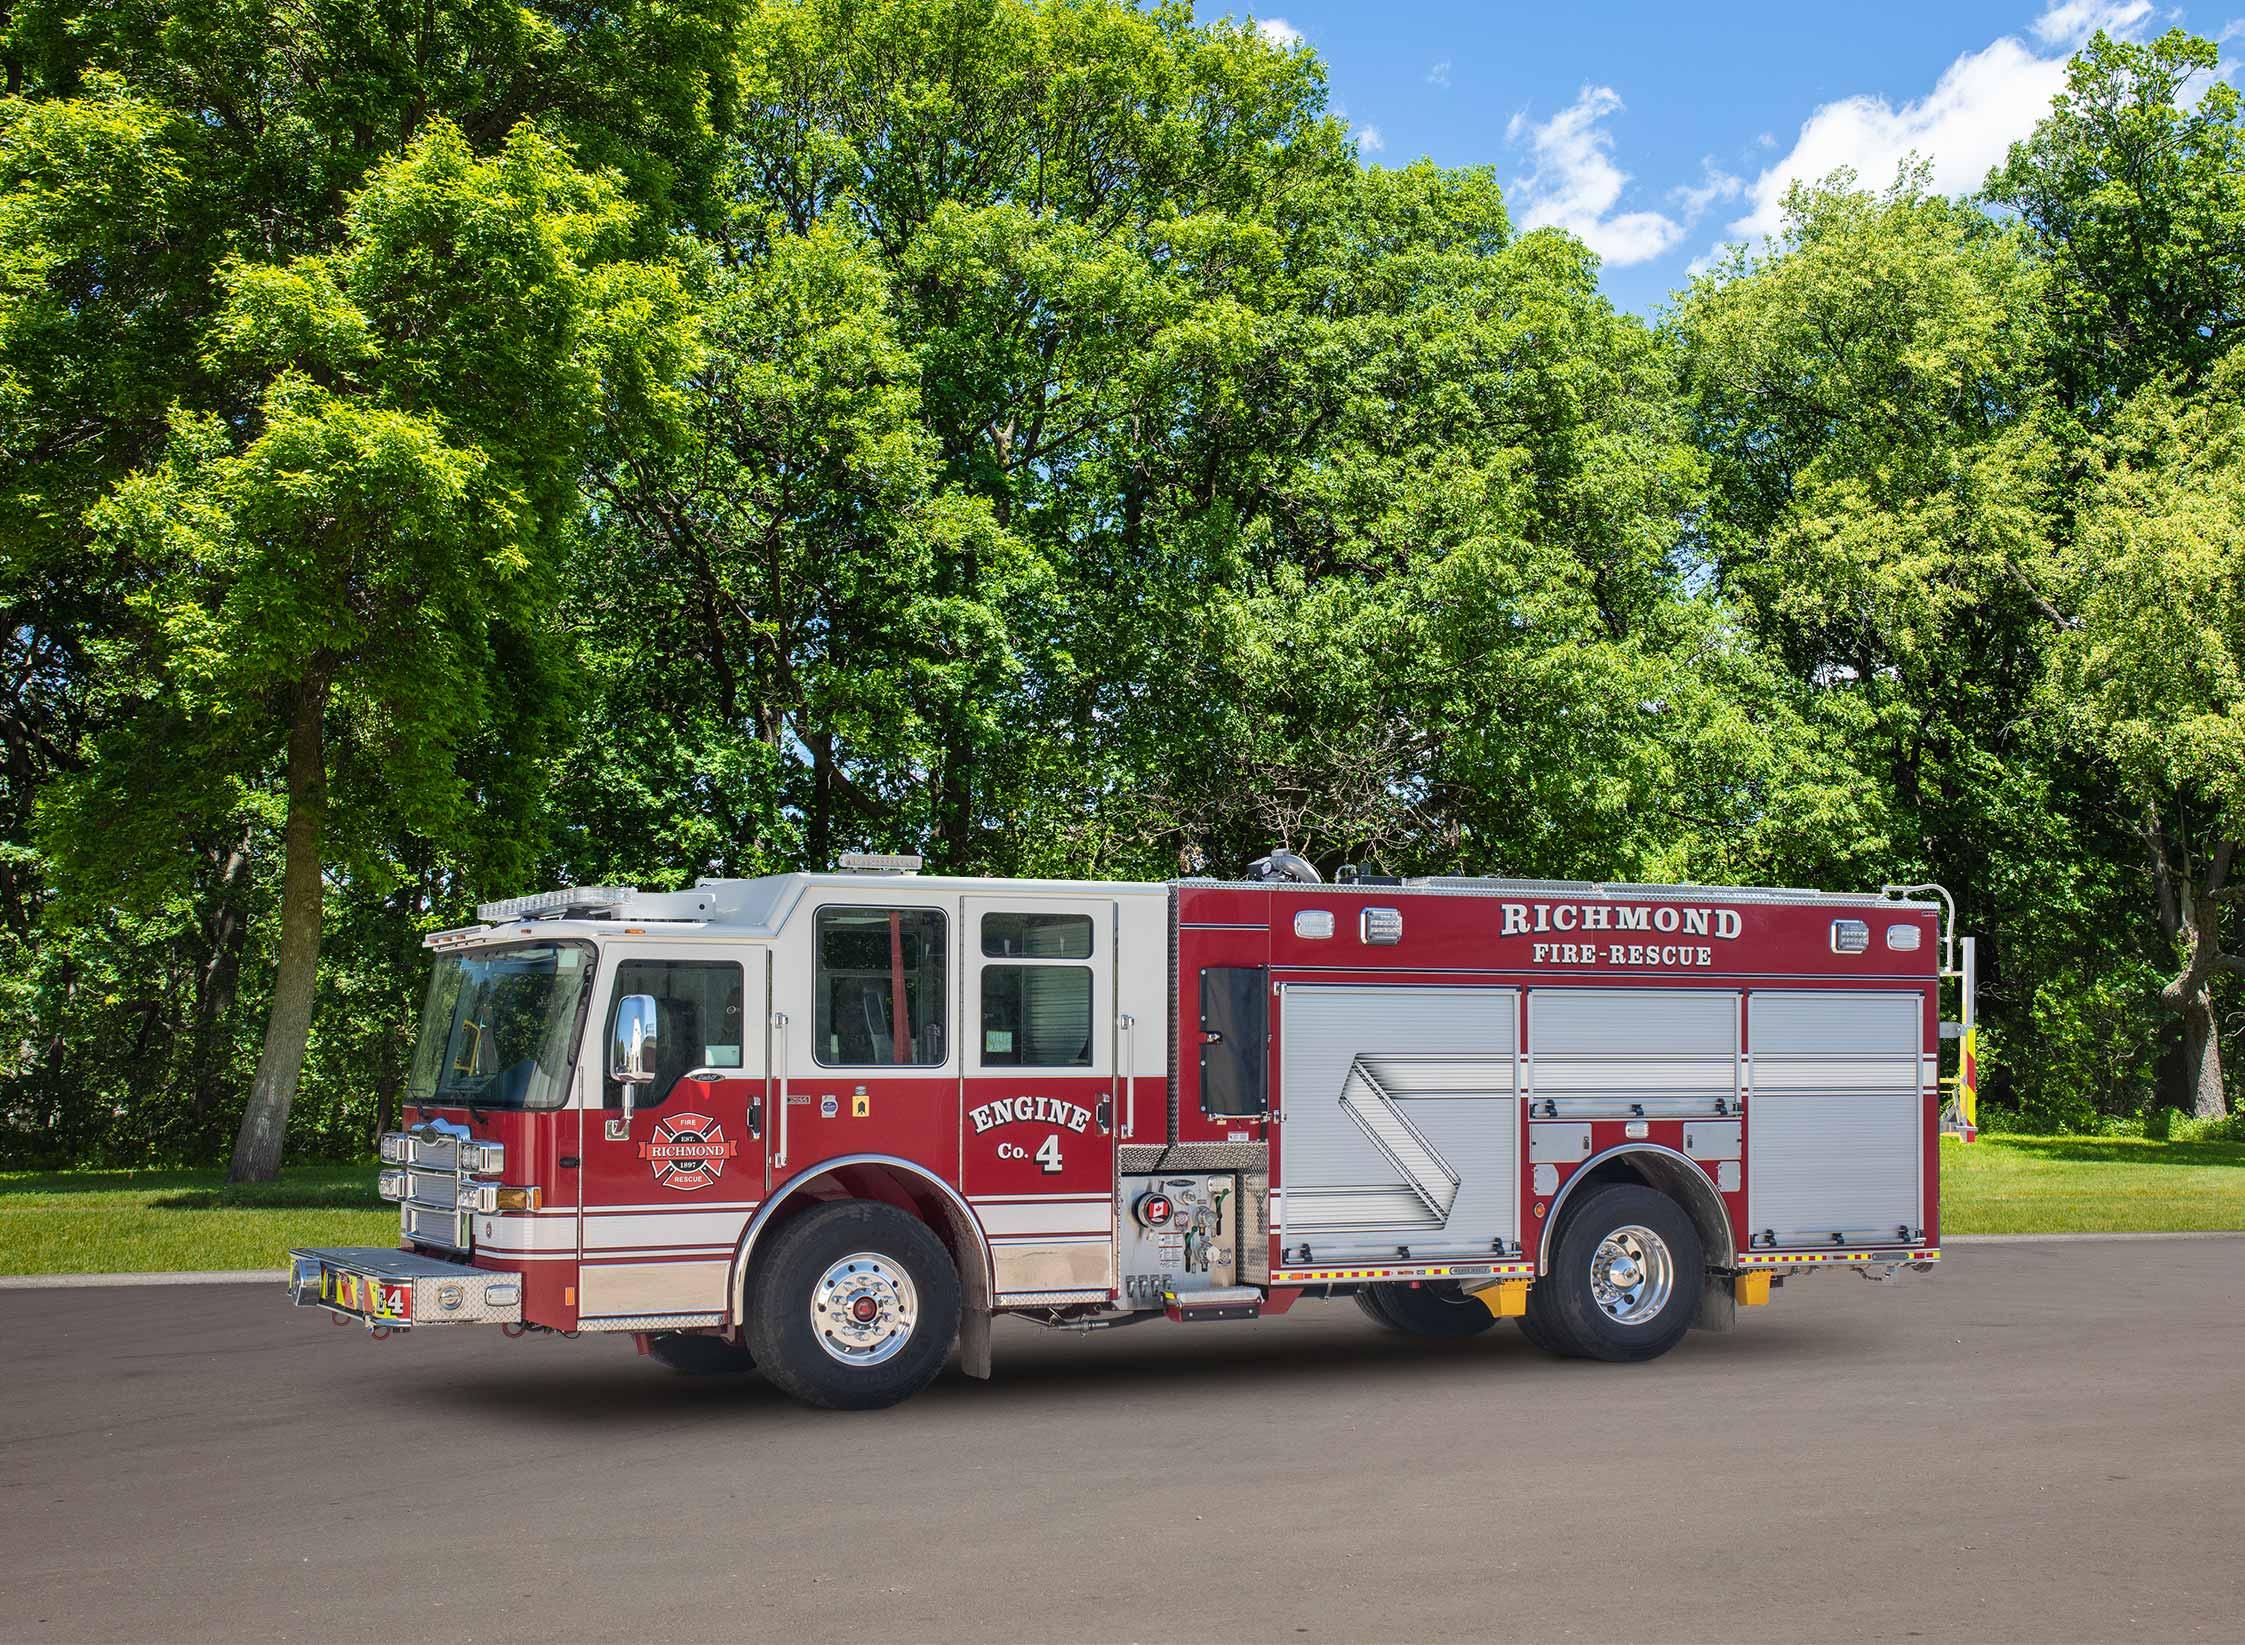 Richmond Fire Department - Pumper